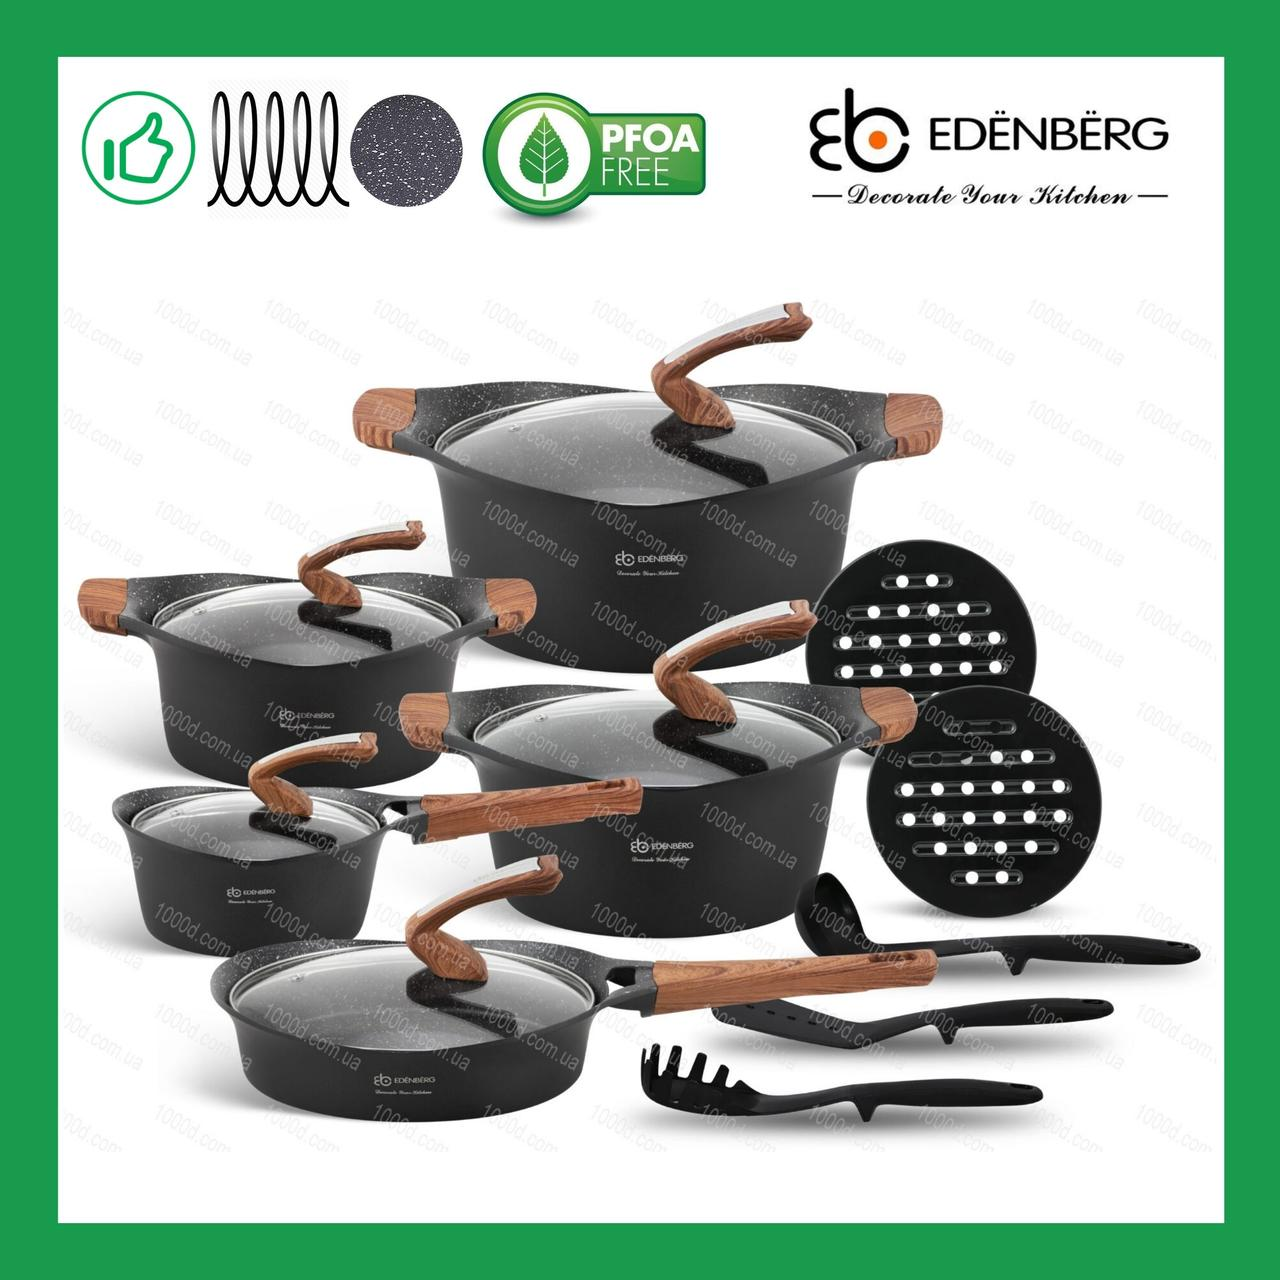 Набор посуды Edenberg из литого алюминия с мраморным антипригарным покрытием 15 предметов(EB-9184)